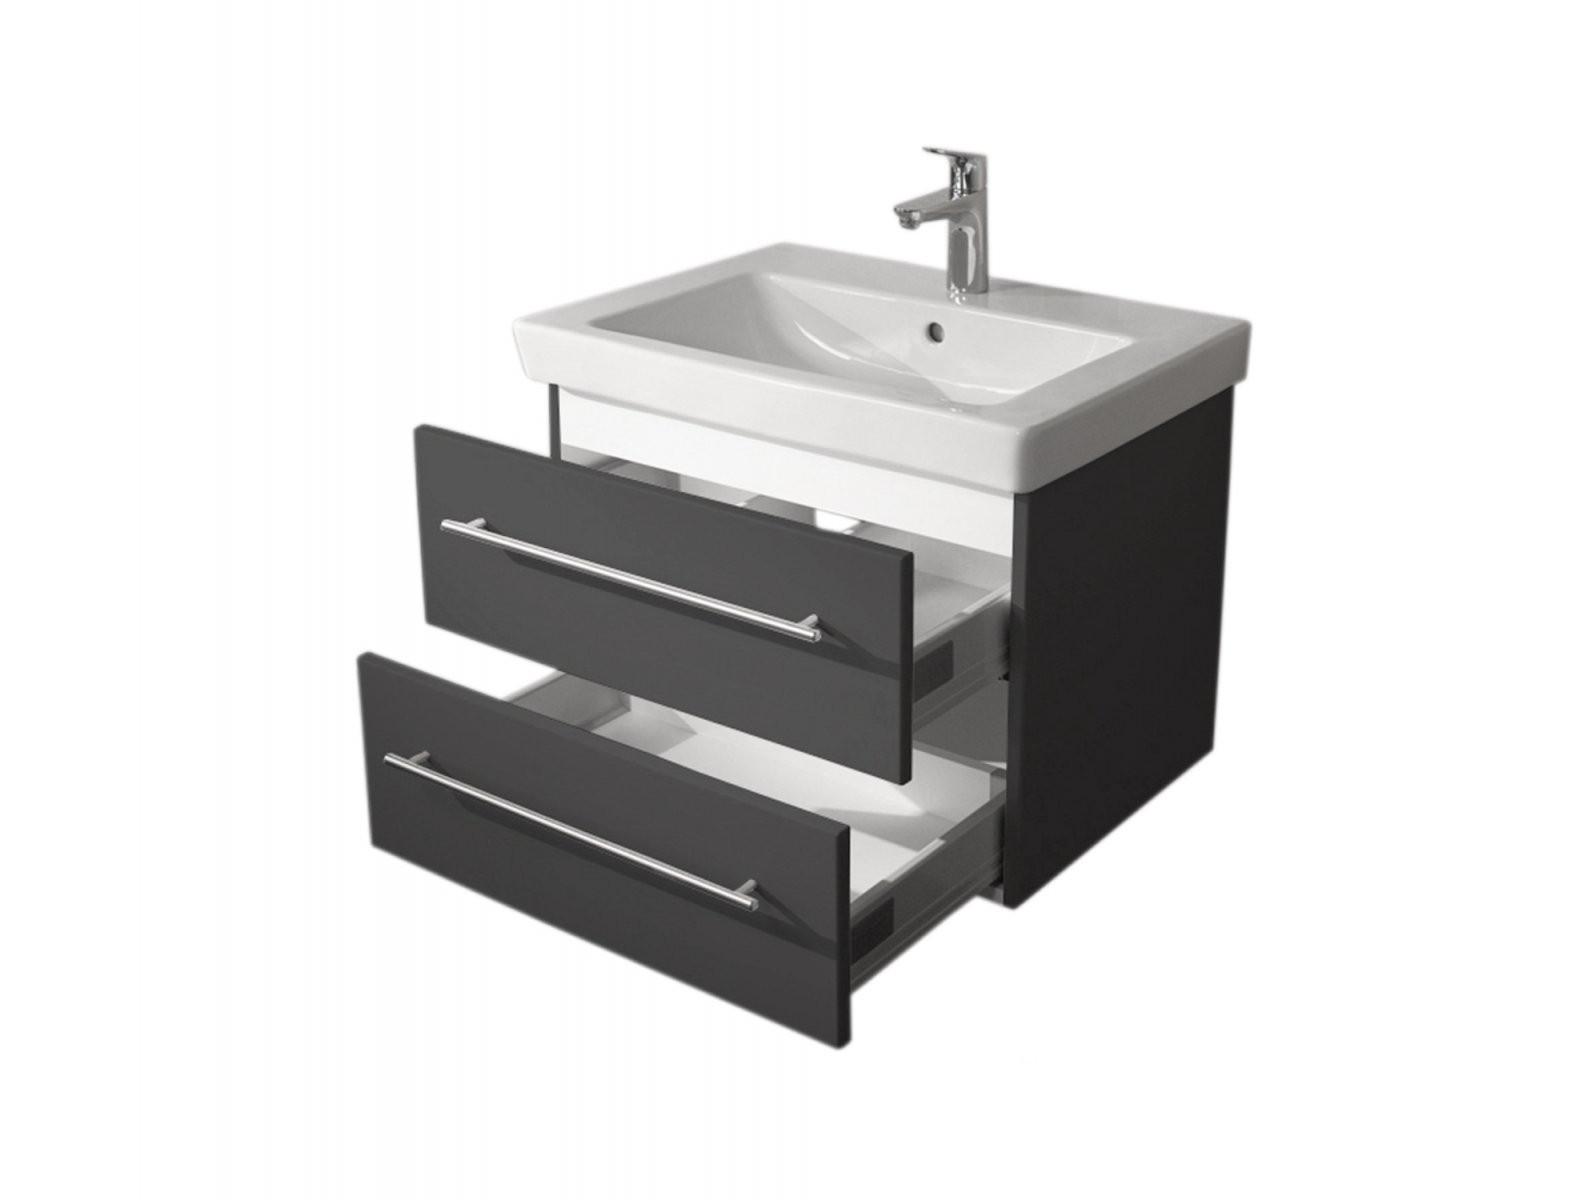 Villeroy  Boch Waschbecken Mit Unterschrank Waschbeckenunterschrank von Villeroy Und Boch Waschtisch Mit Unterschrank Bild